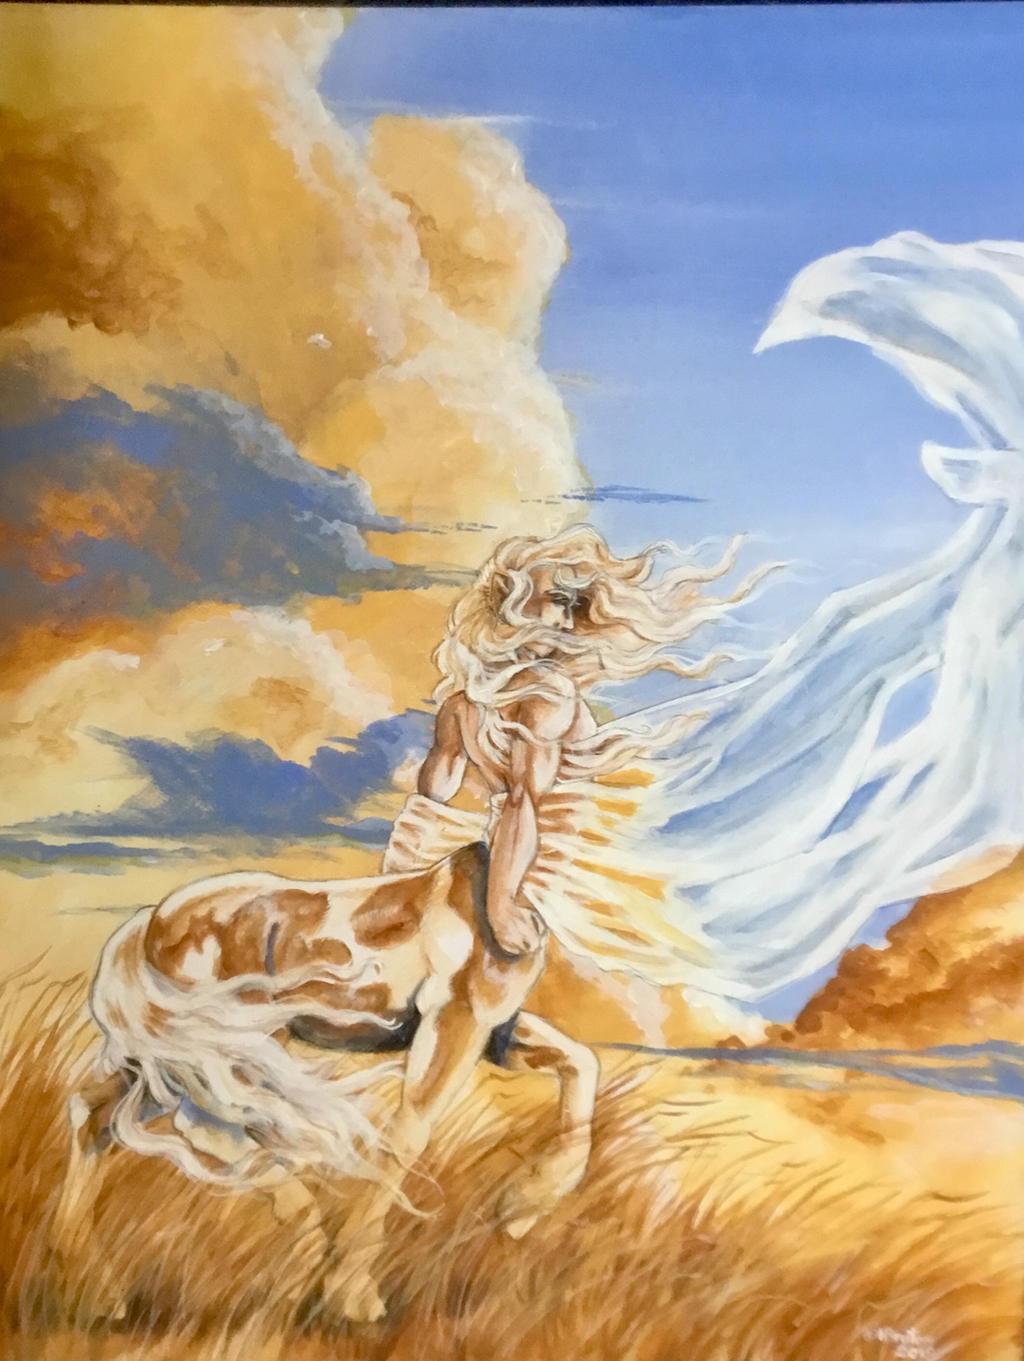 west Wind by Hbruton